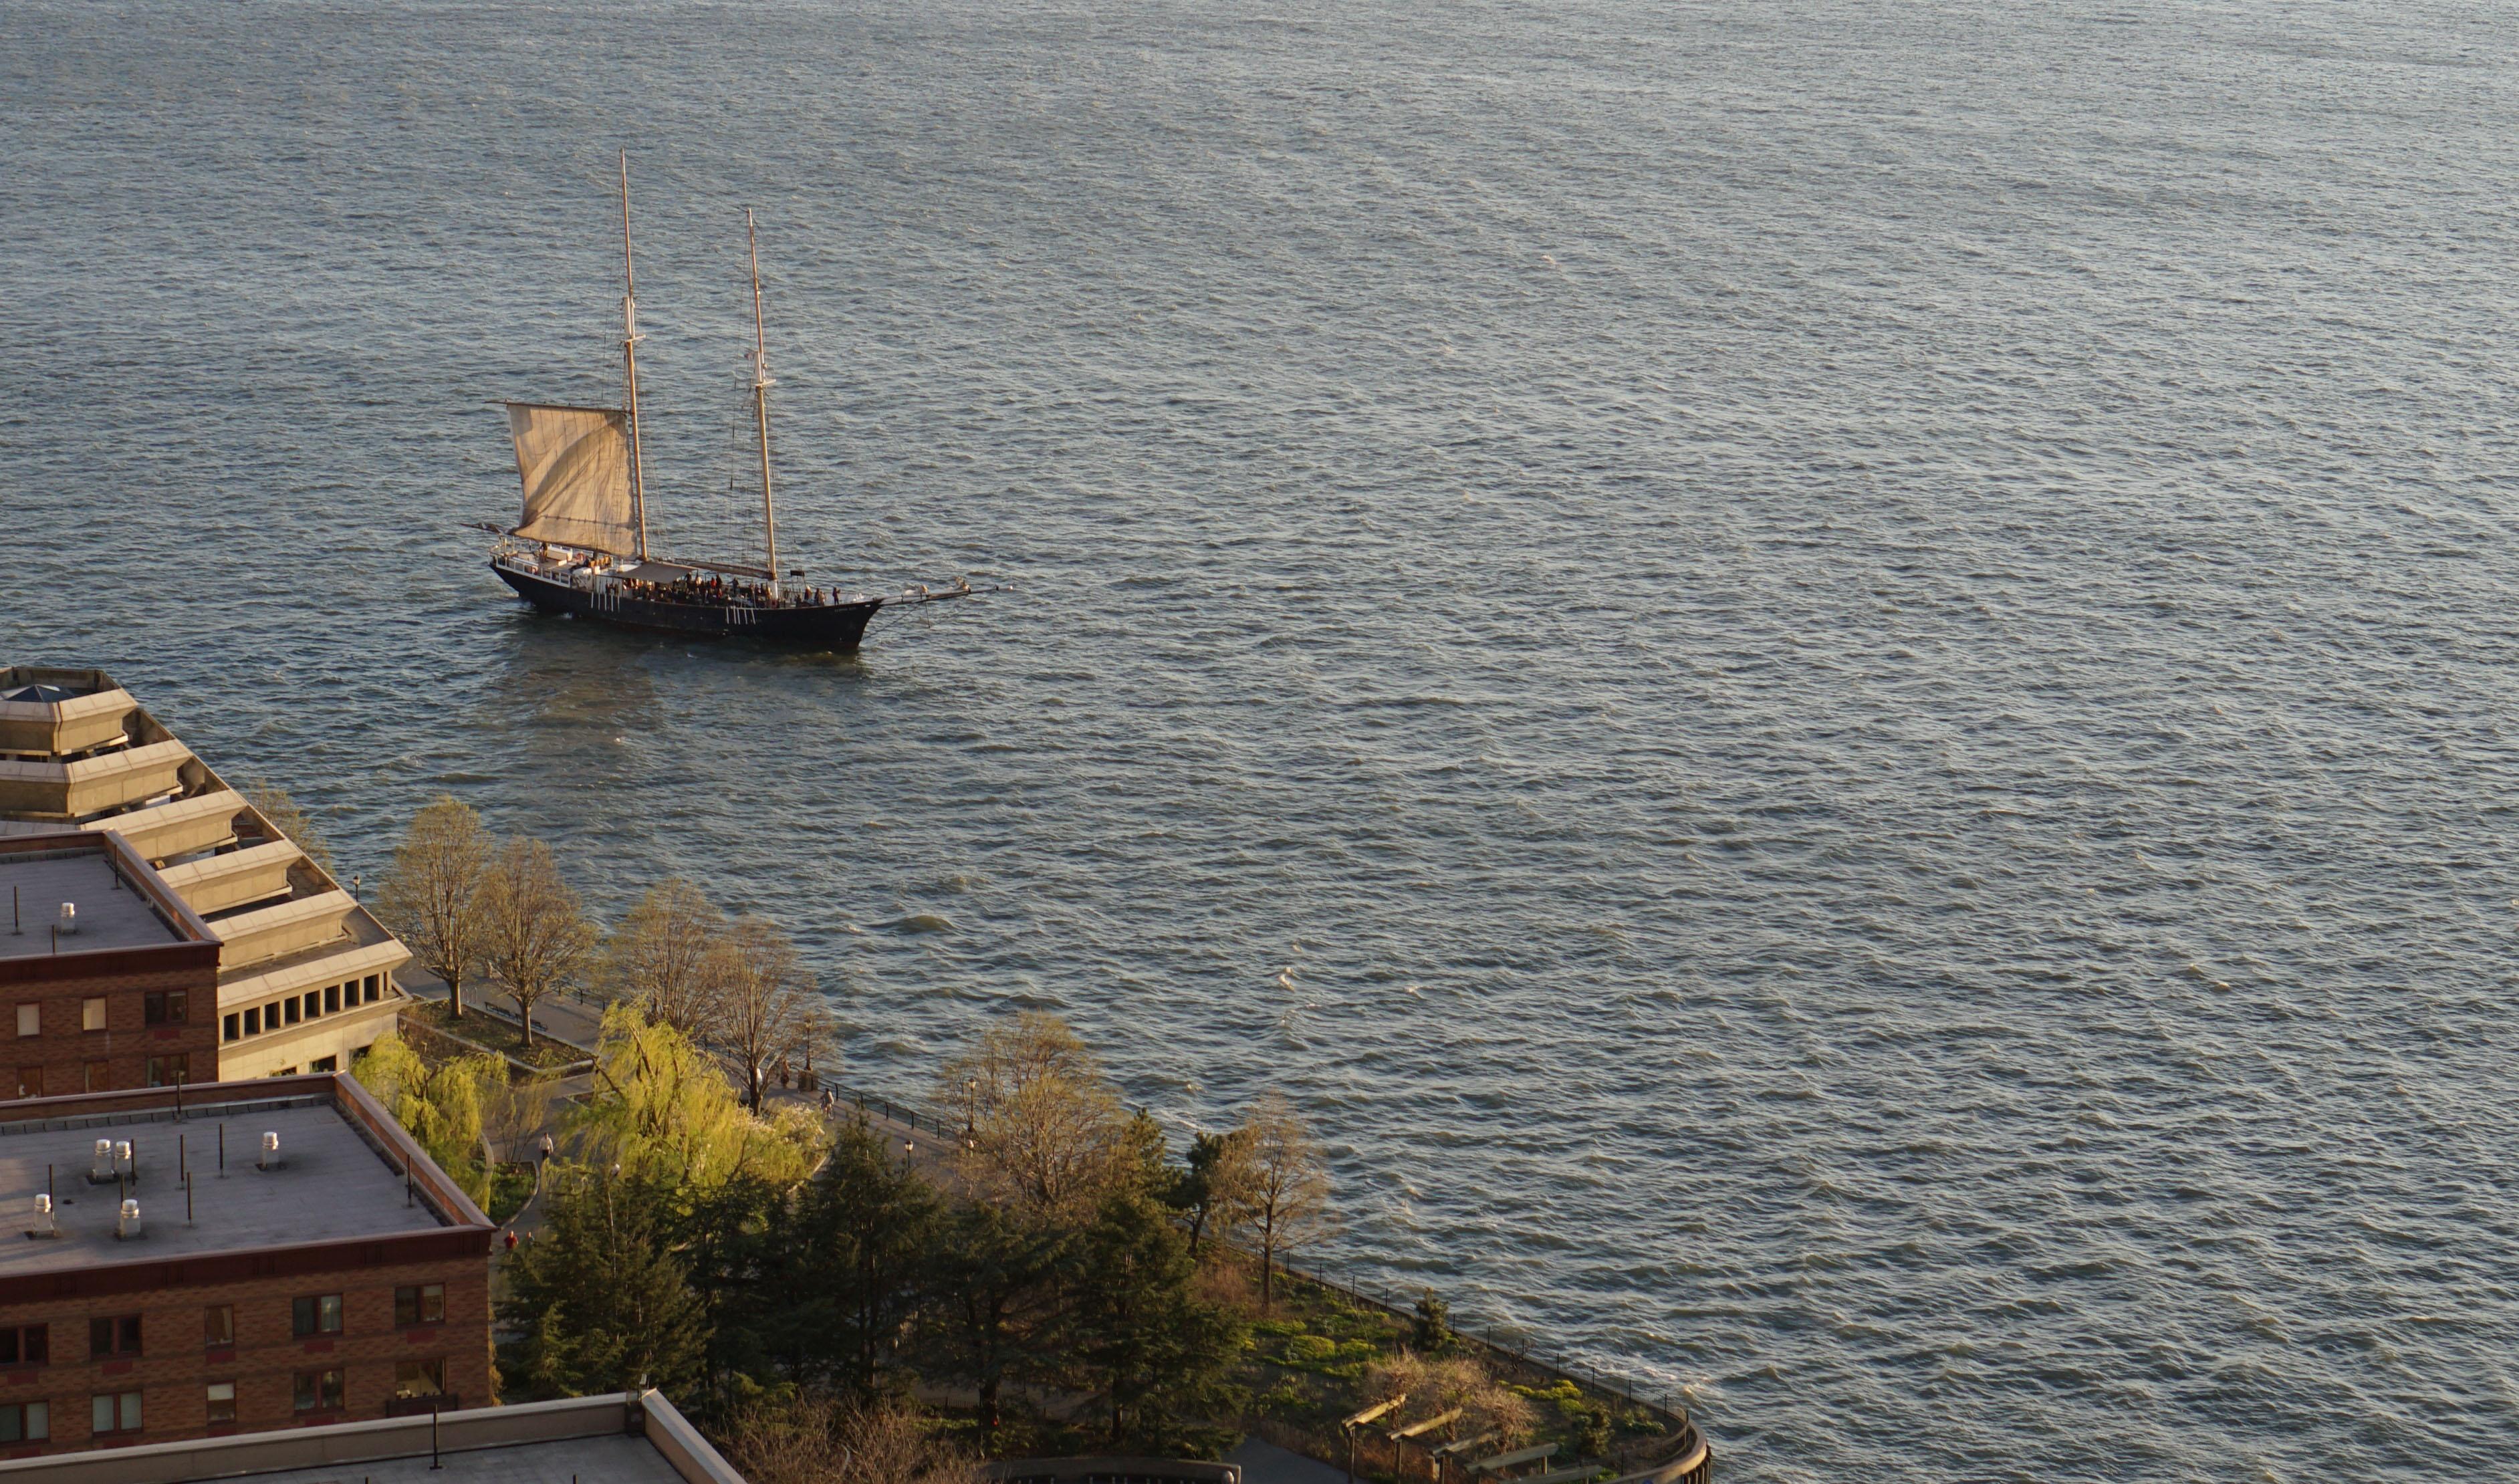 Clipper in New York Harbor 4-28-2015